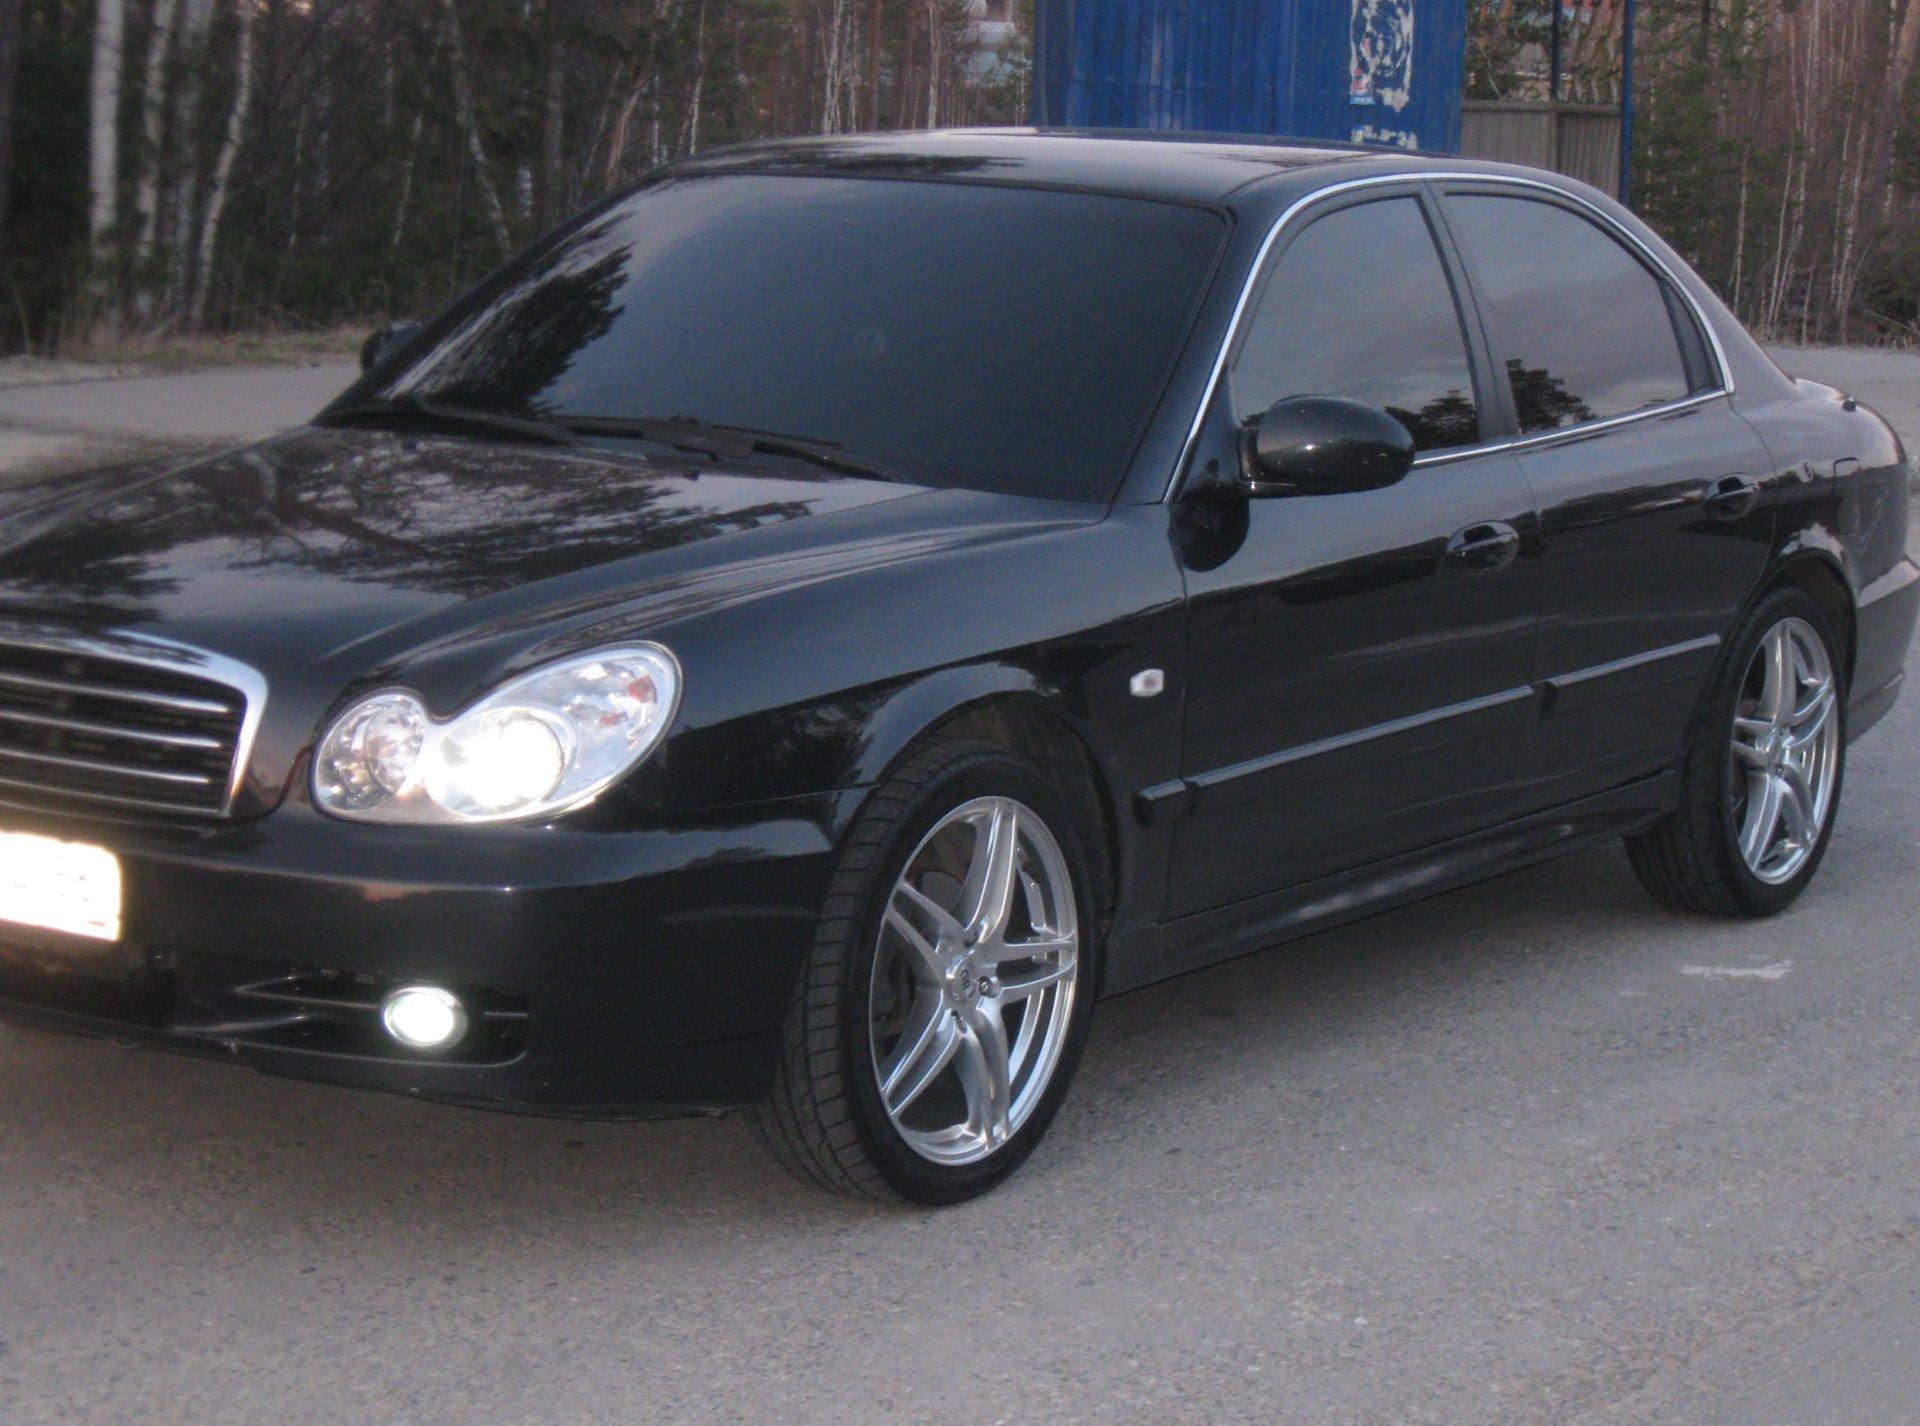 Всякое для SONATA бортжурнал Hyundai Sonata ИНЖИНИРИНГ 385 записей 94